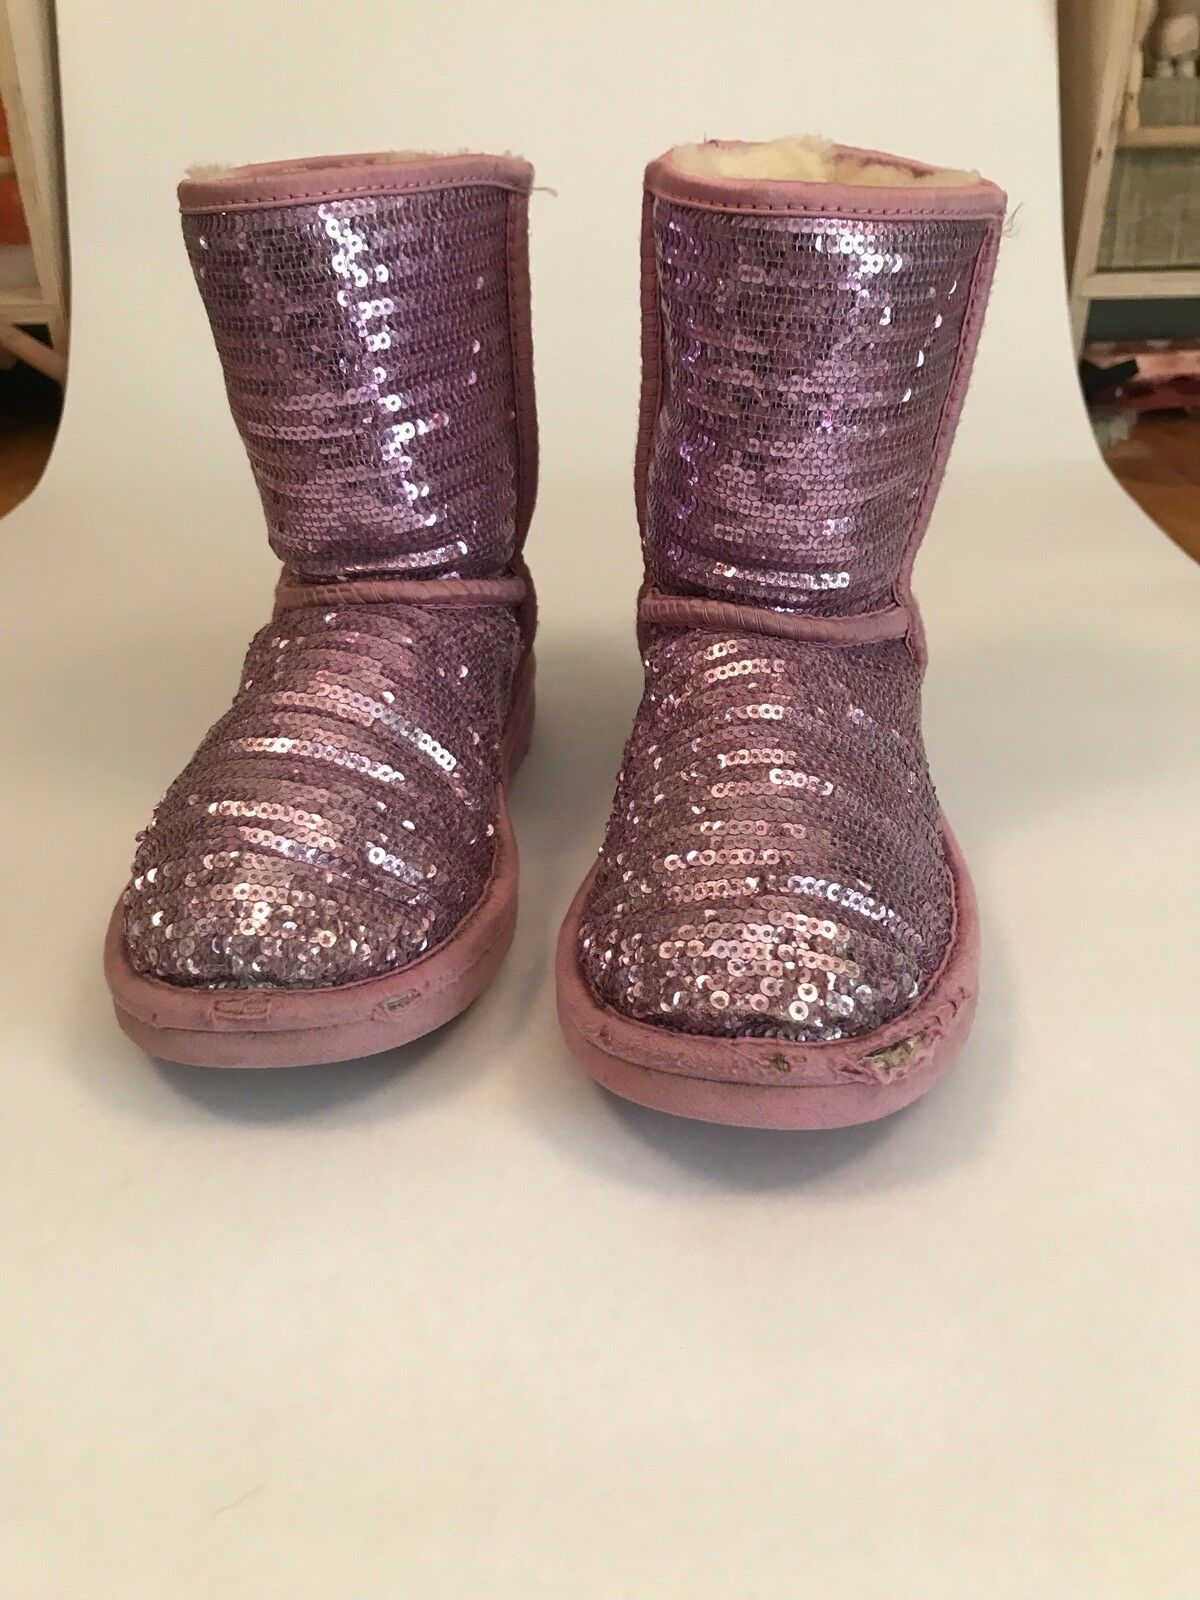 Gyerekek Rózsaszín Sequin Ausztrál Ugg Rózsaszín Sequin Ausztrál Boots Size  3 dfc33e1deb